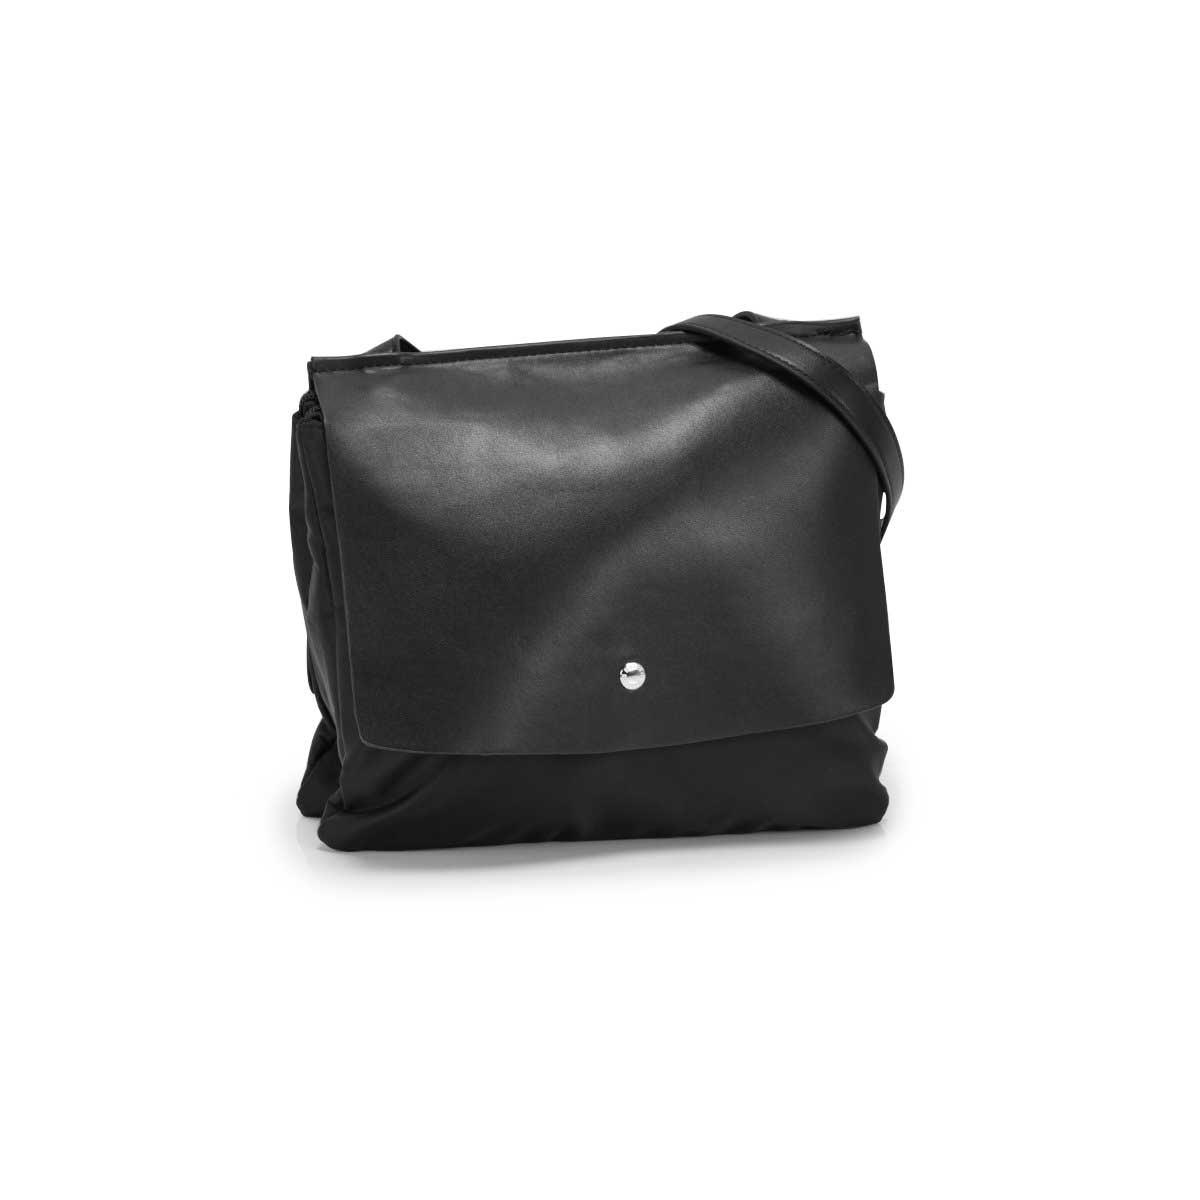 Lds Roots73 blk double flap shoulder bag